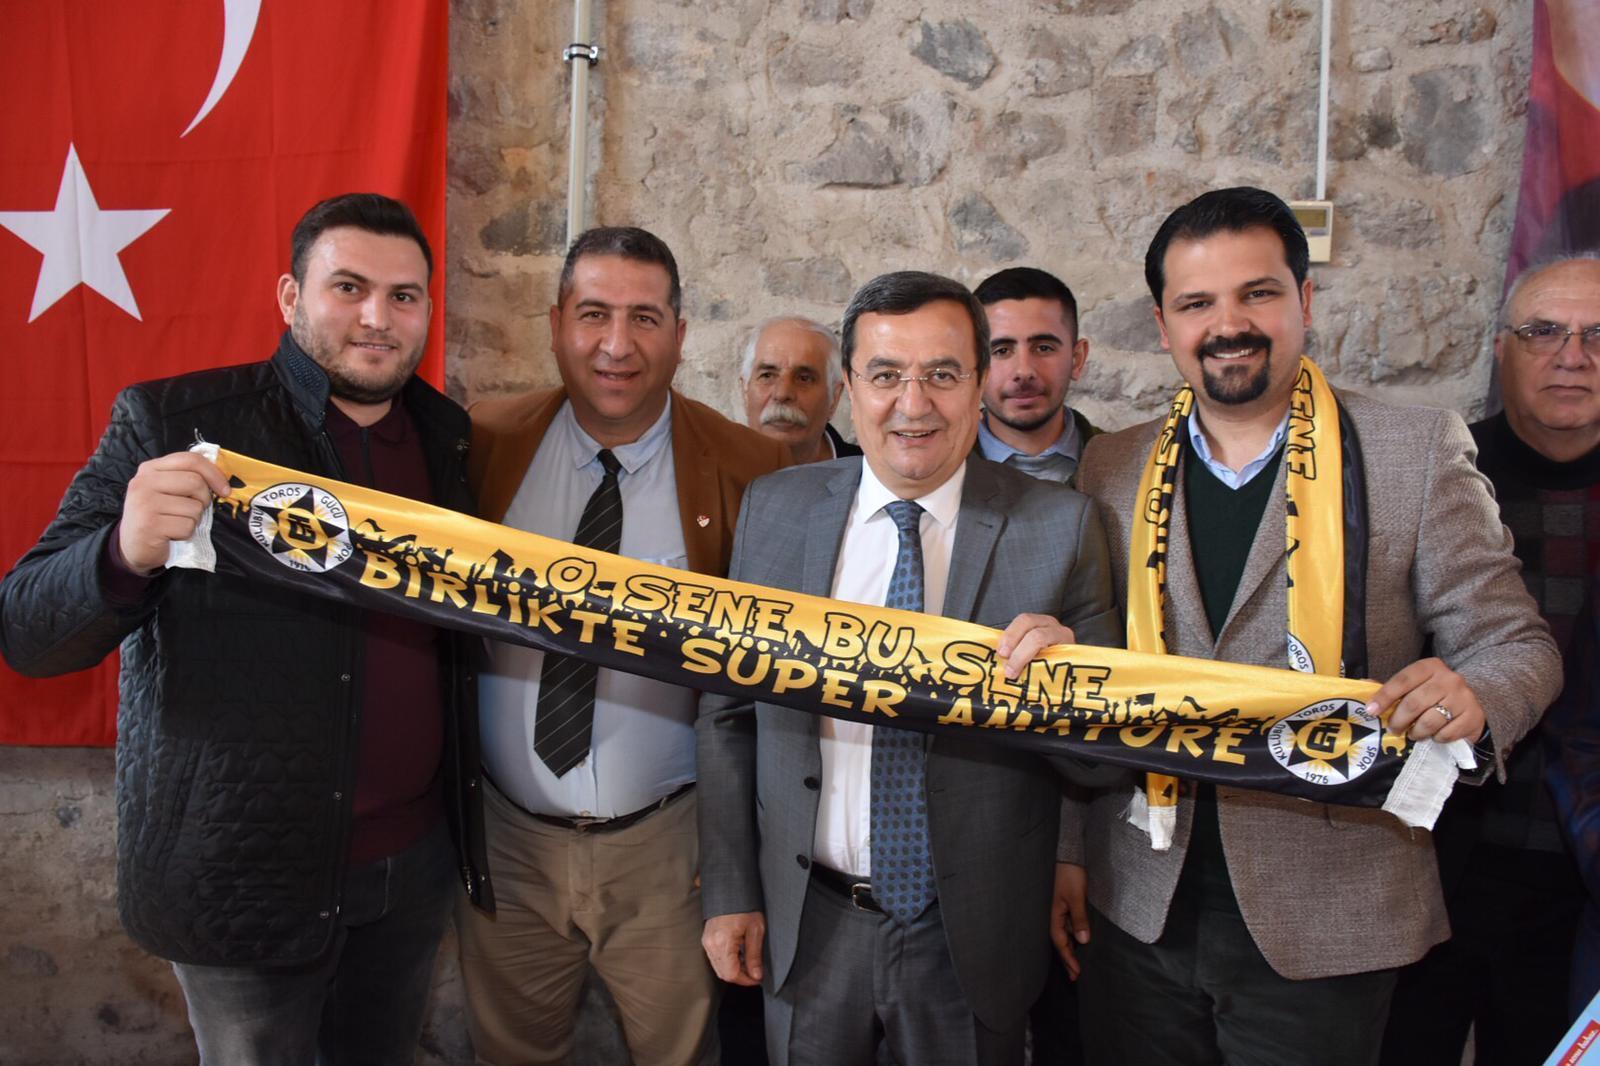 Amatör Spor Kulüpleri Batur'dan tesis ve destek istedi Batur'a tam destek hep destek